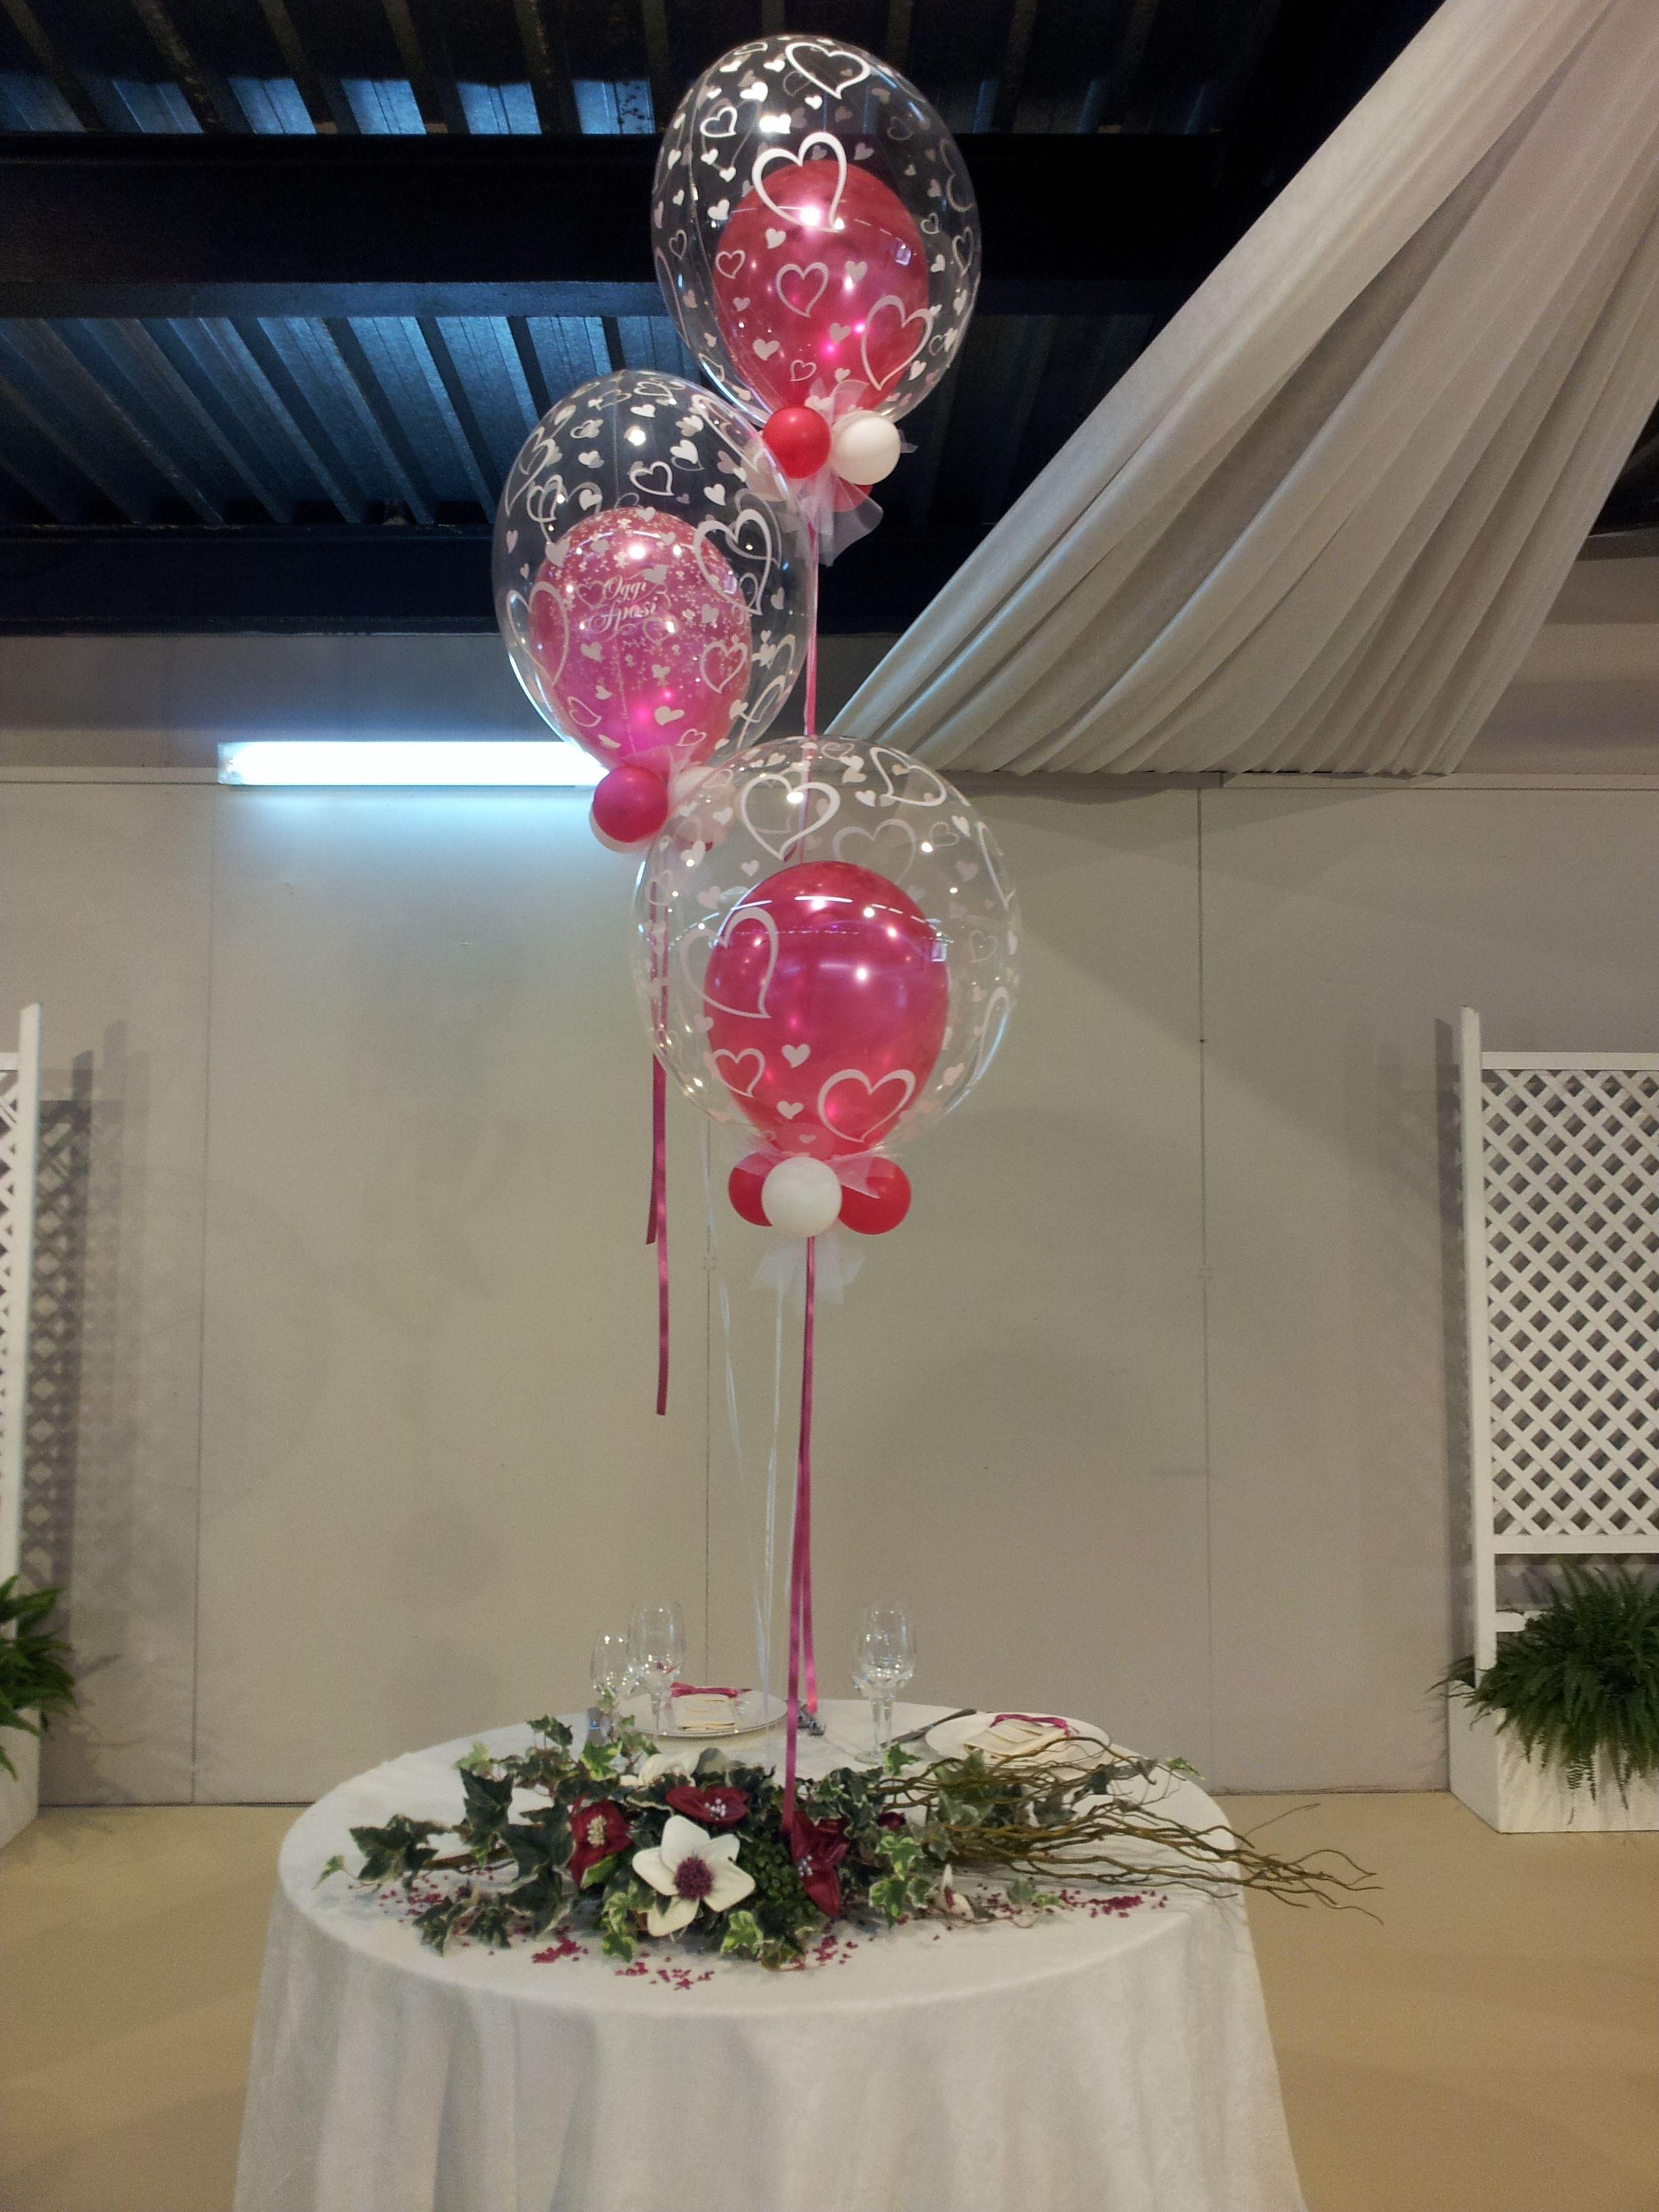 Palloncini bubbles centrotavola sposi idee che ispirano - Decorazioni matrimonio palloncini ...